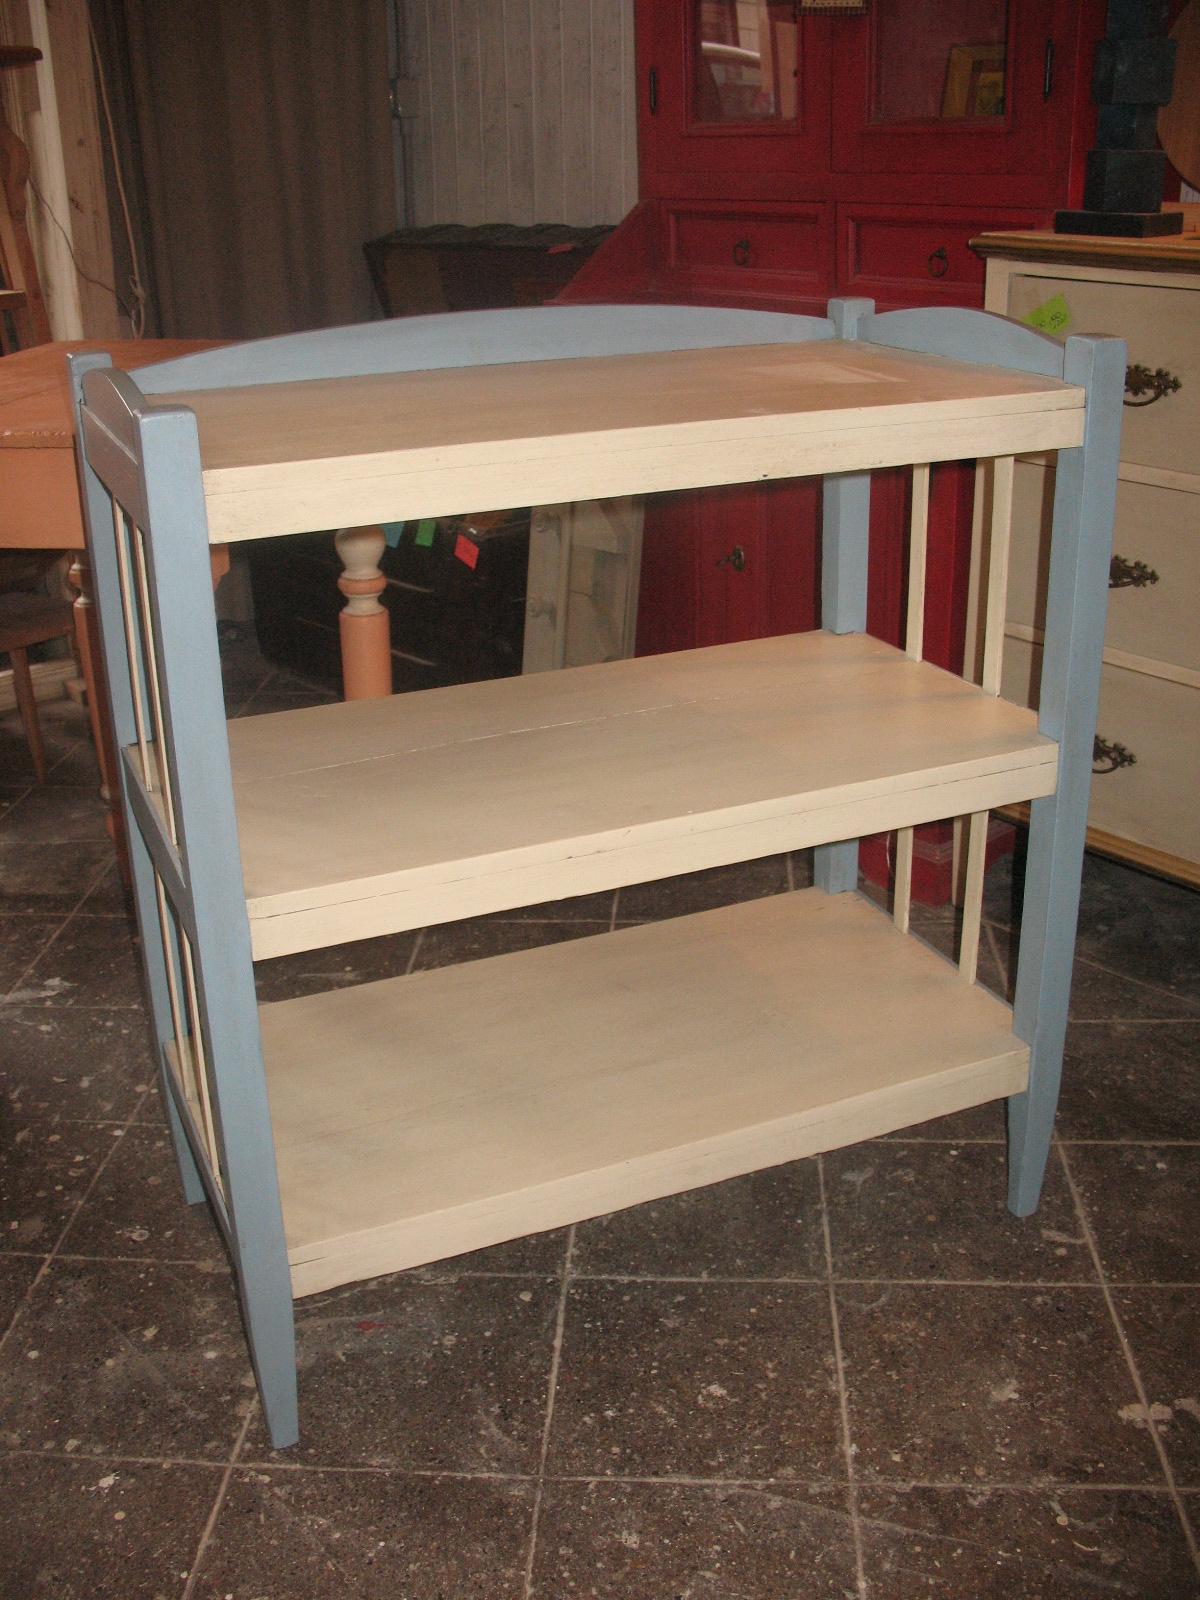 Piccola libreria in legno falegnameria frad falegname for Piccola casetta in legno